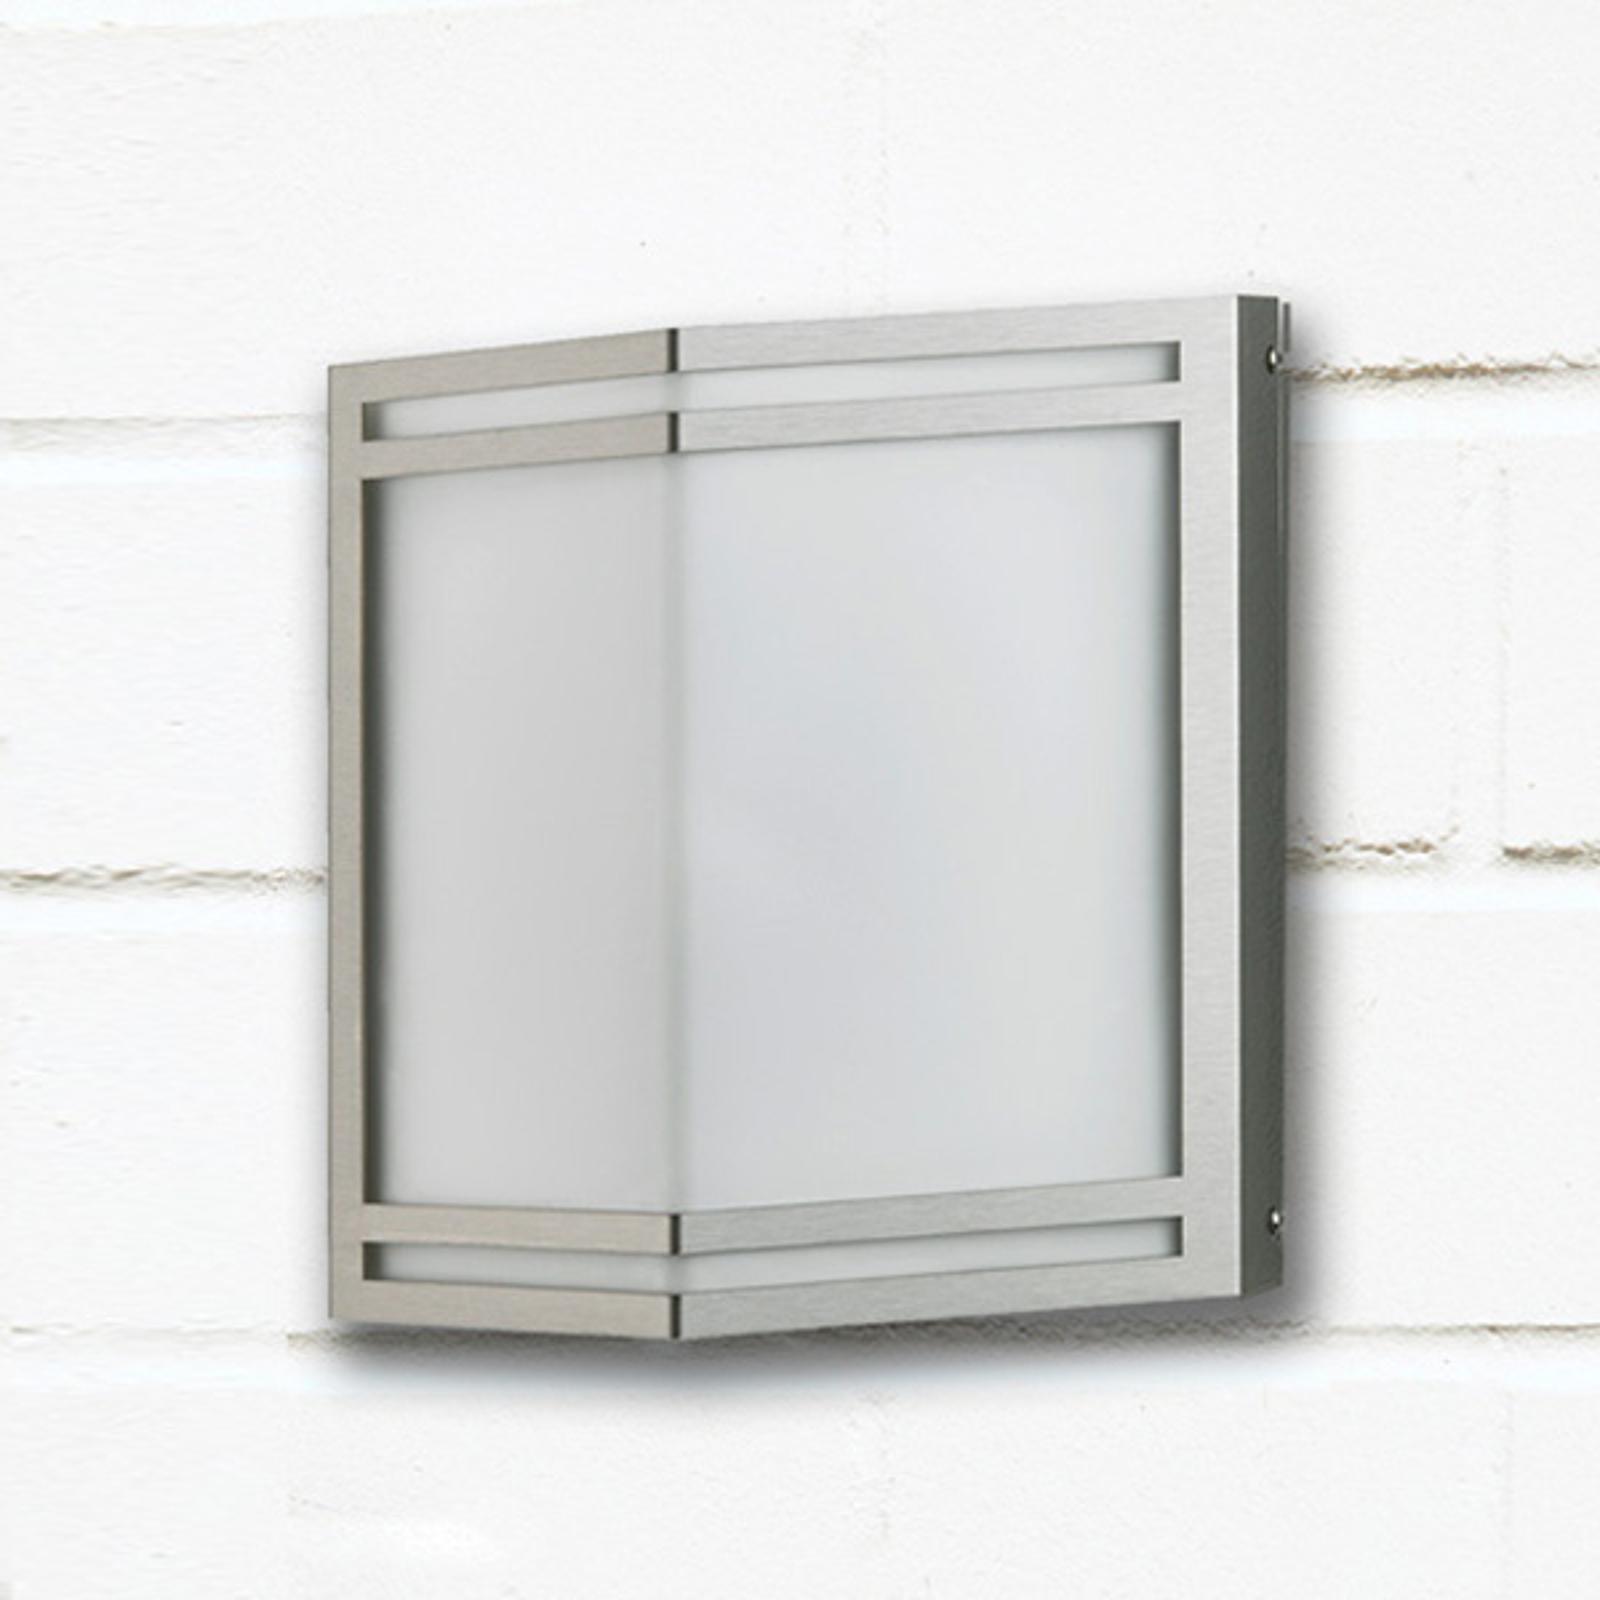 Acier inoxydable - applique d'extérieur LED Dobrin